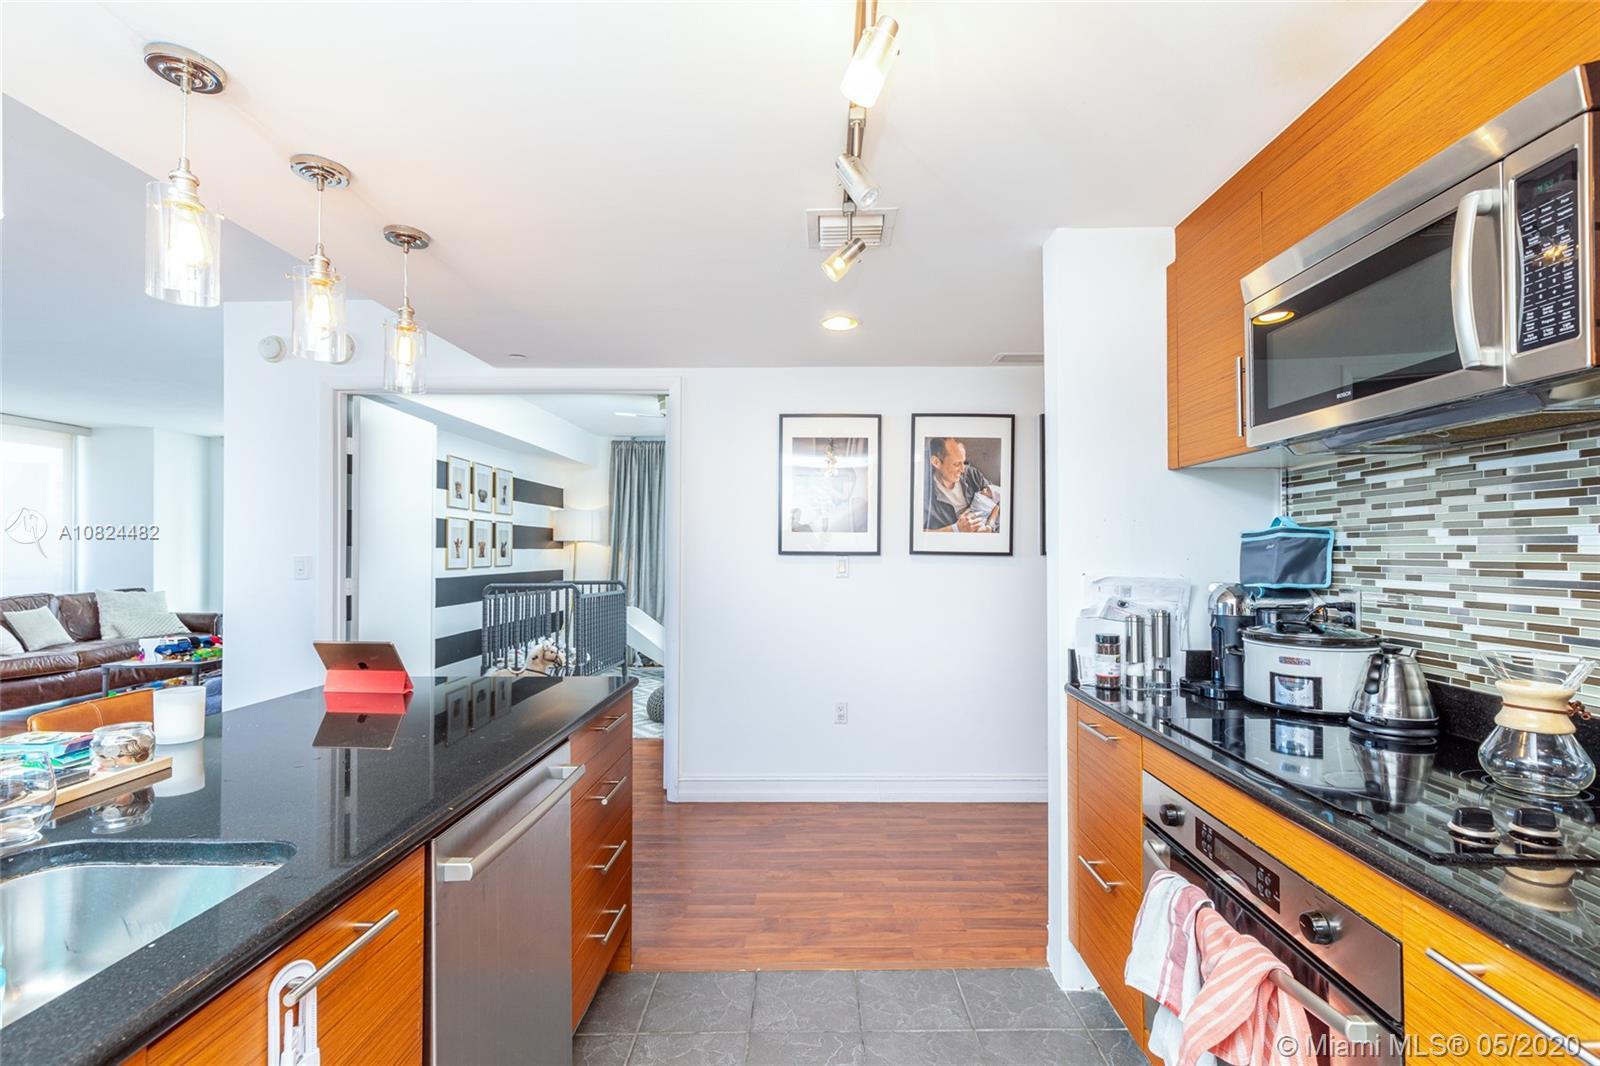 Property 50 Biscayne Blvd #2710 image 20